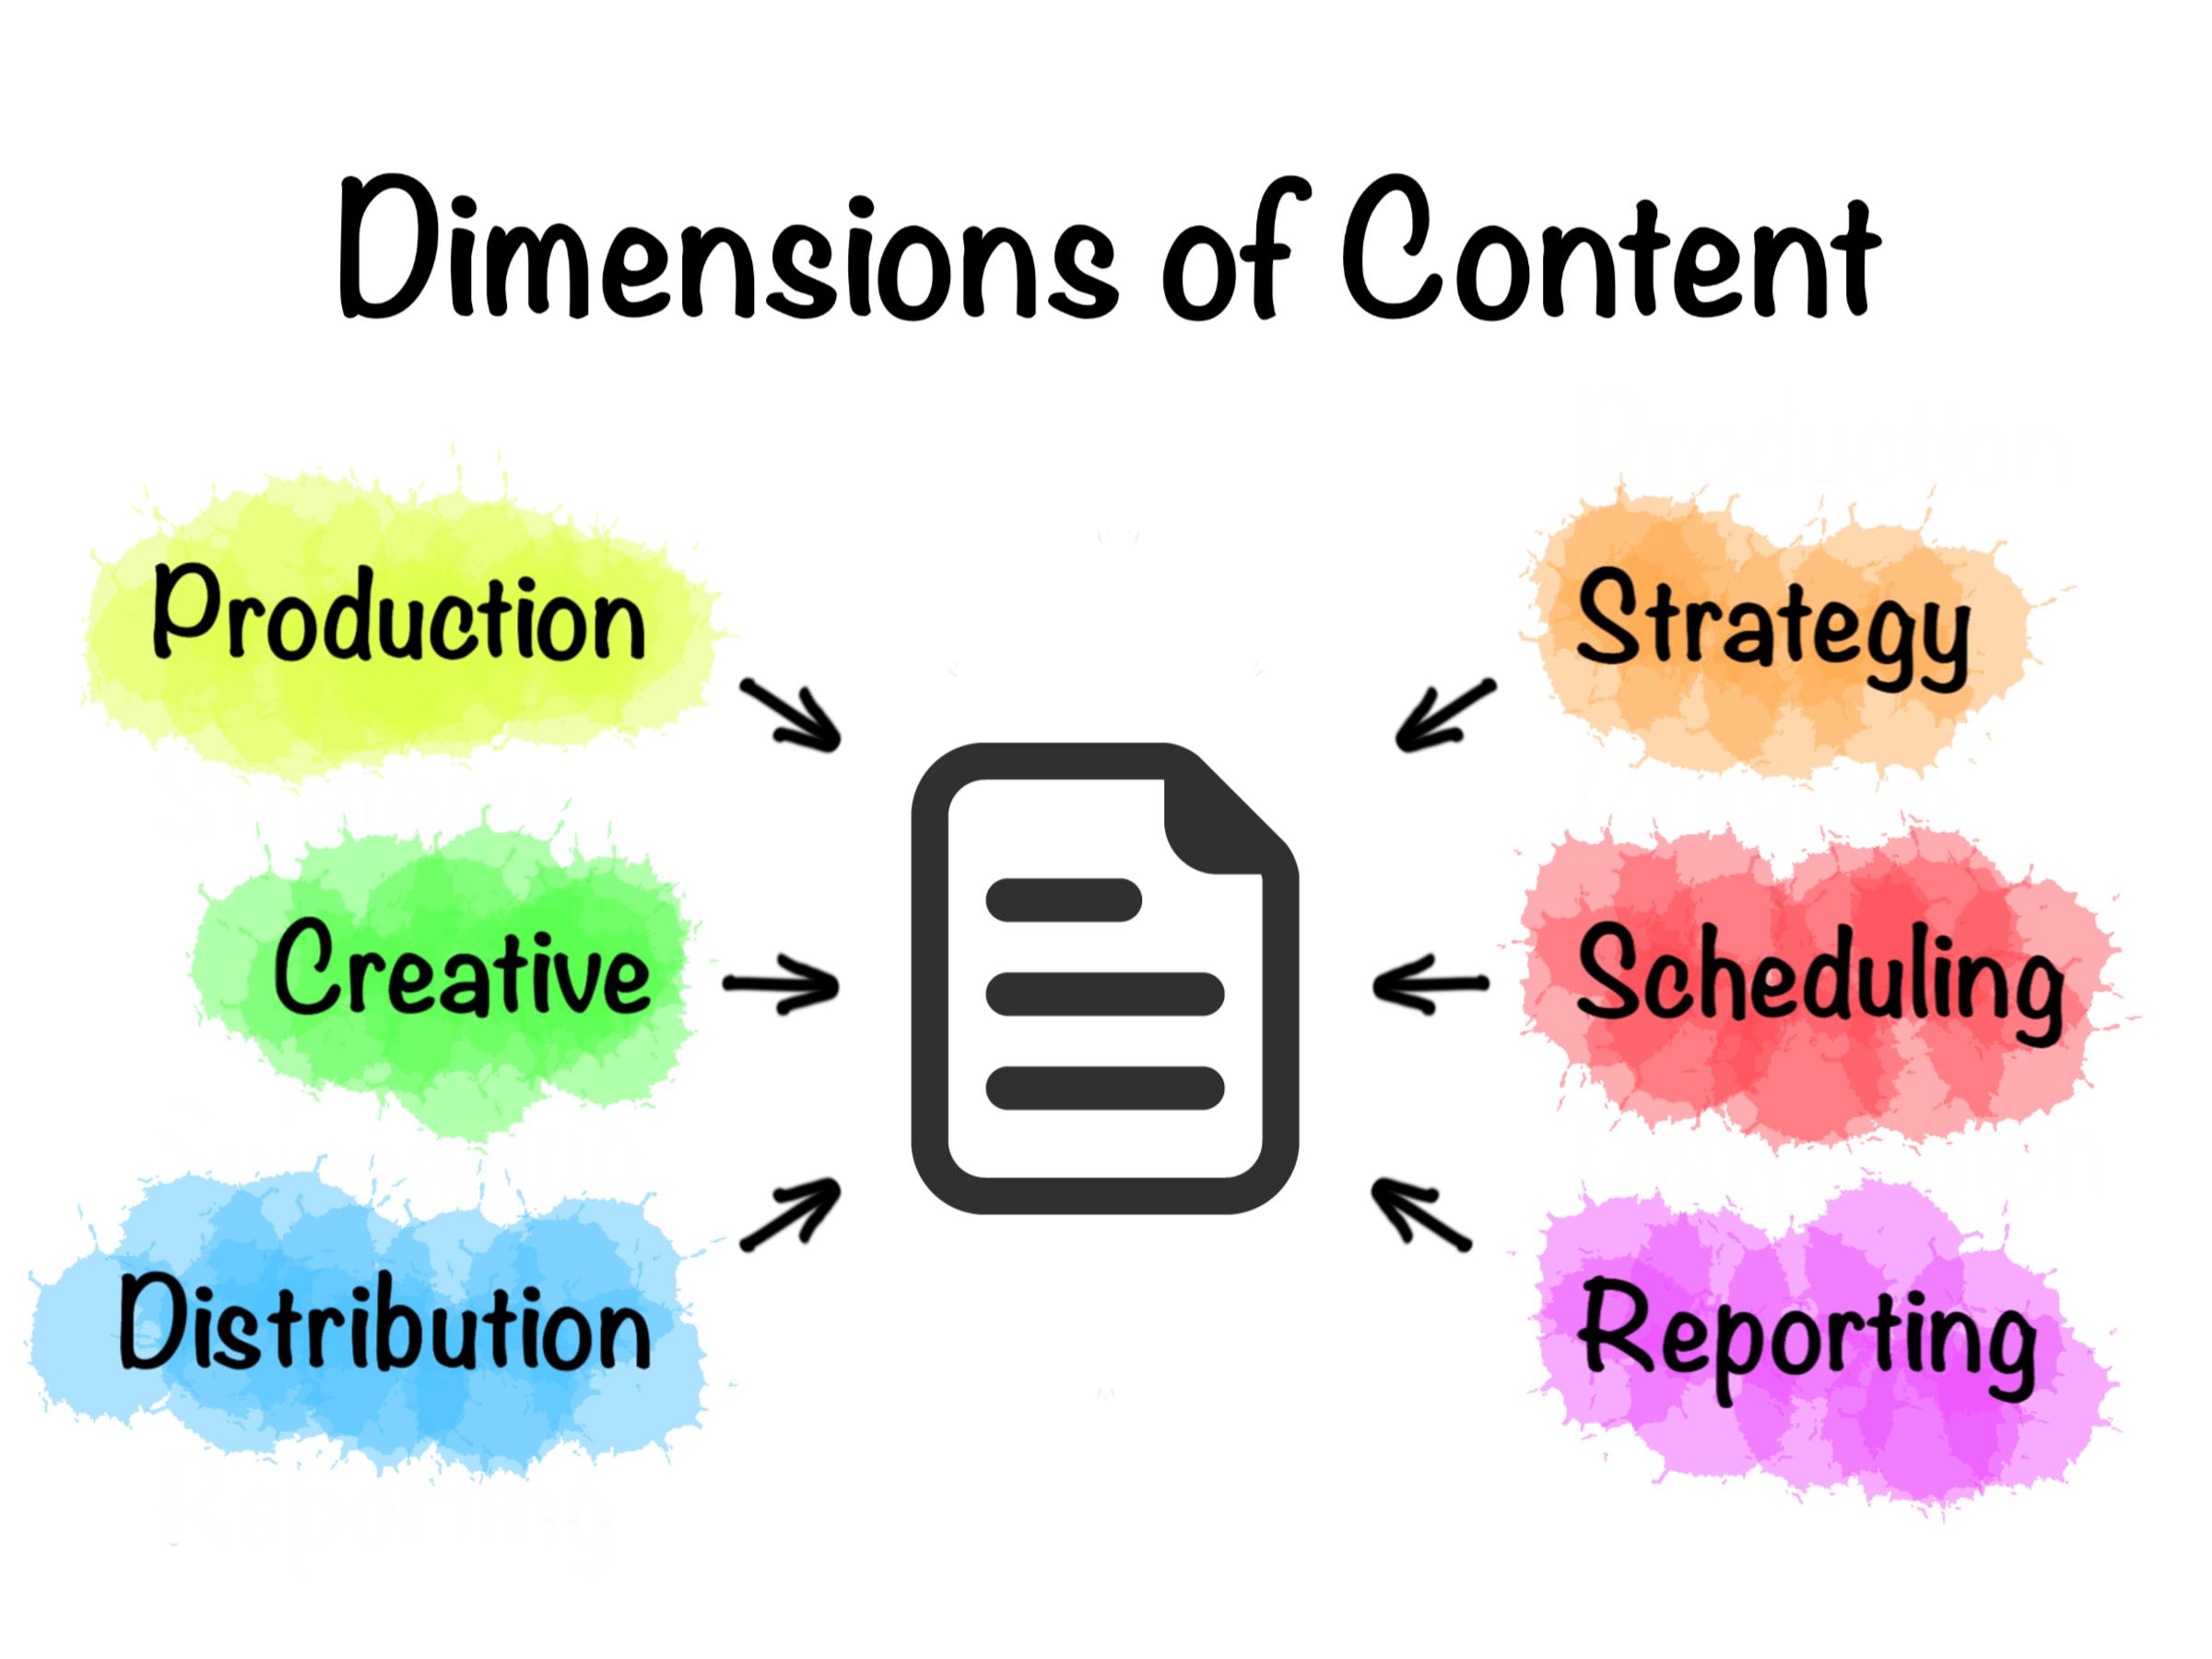 Content-Production-Dimensions-Crispy-Content-1